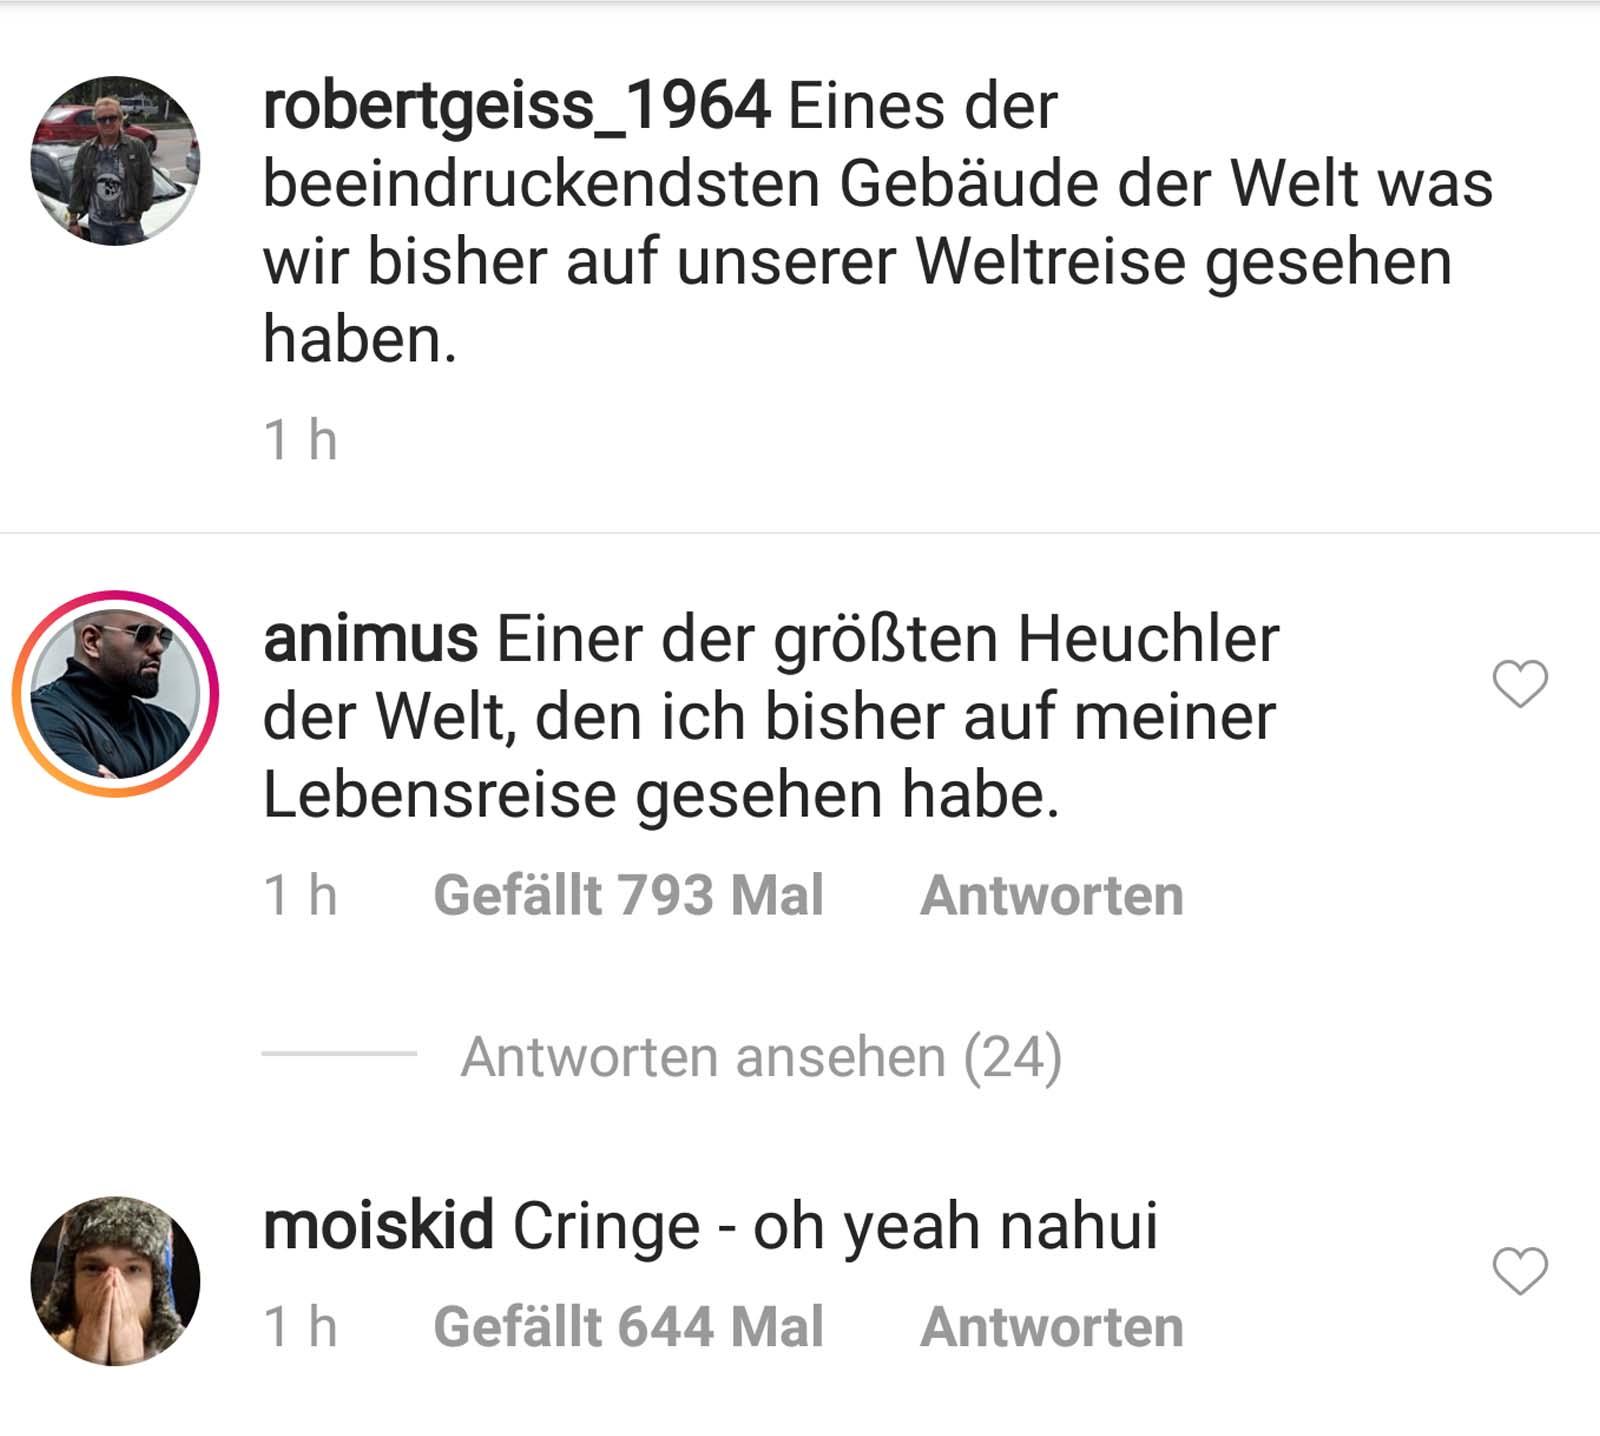 Animus über Robert Geiss